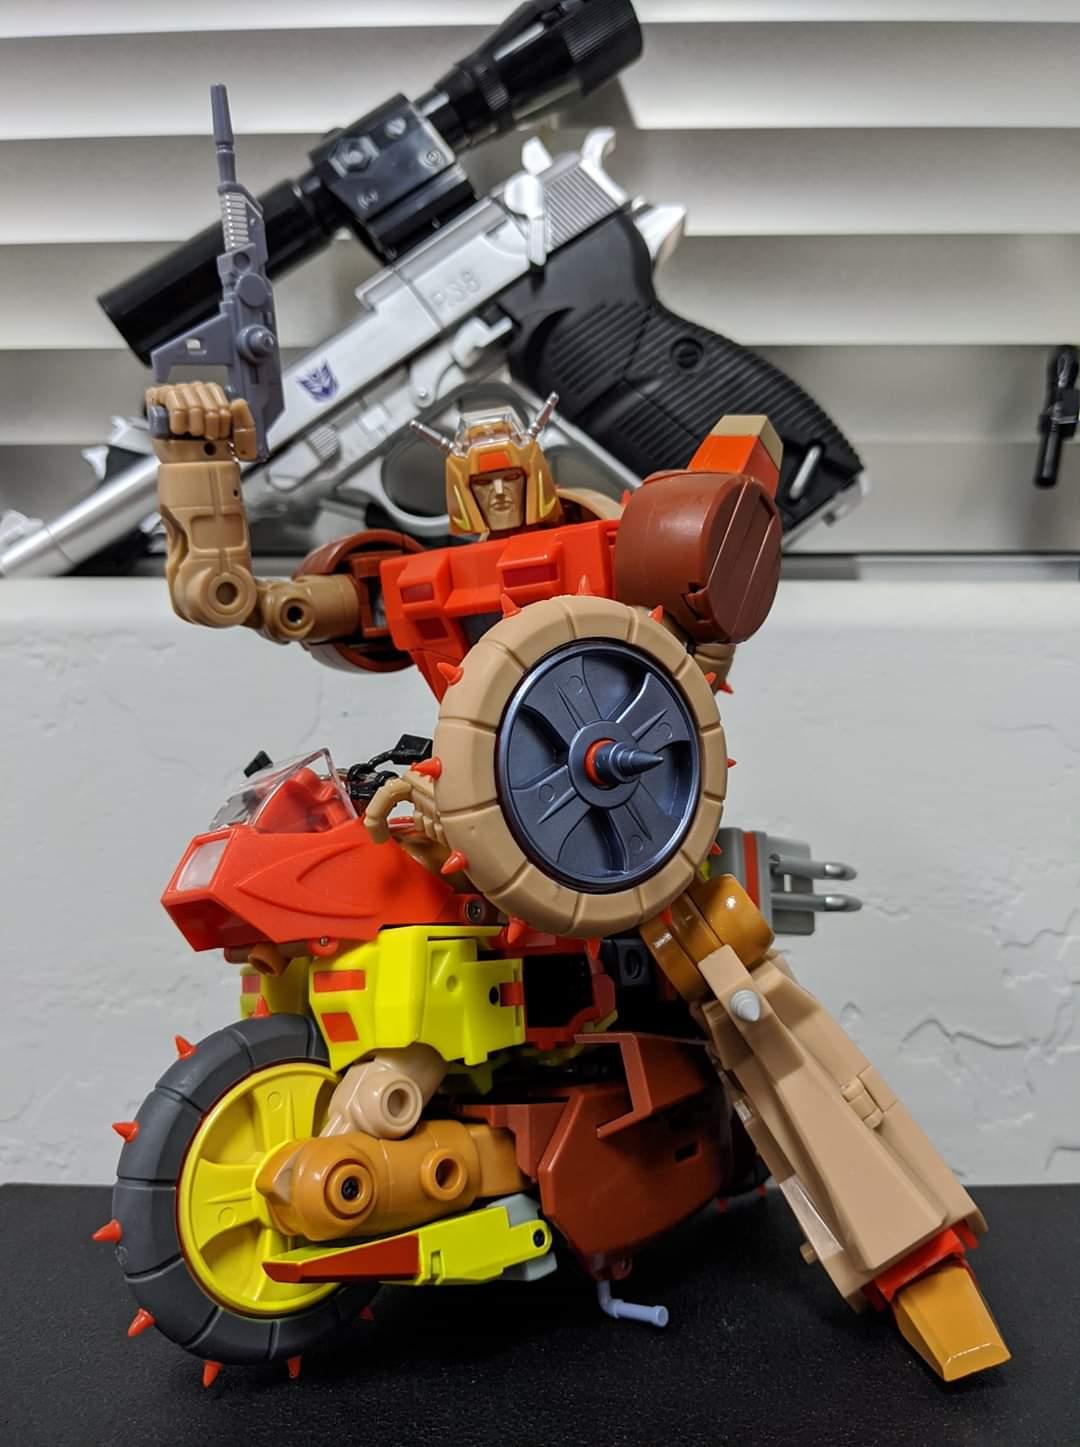 [KFC Toys] Produit Tiers - Jouets Crash Hog (aka Wreck-gar/Ferraille), Dumpyard (aka Junkyard/Décharge) et autres Junkions/Ferrailleurs - Page 3 CfJfD64V_o